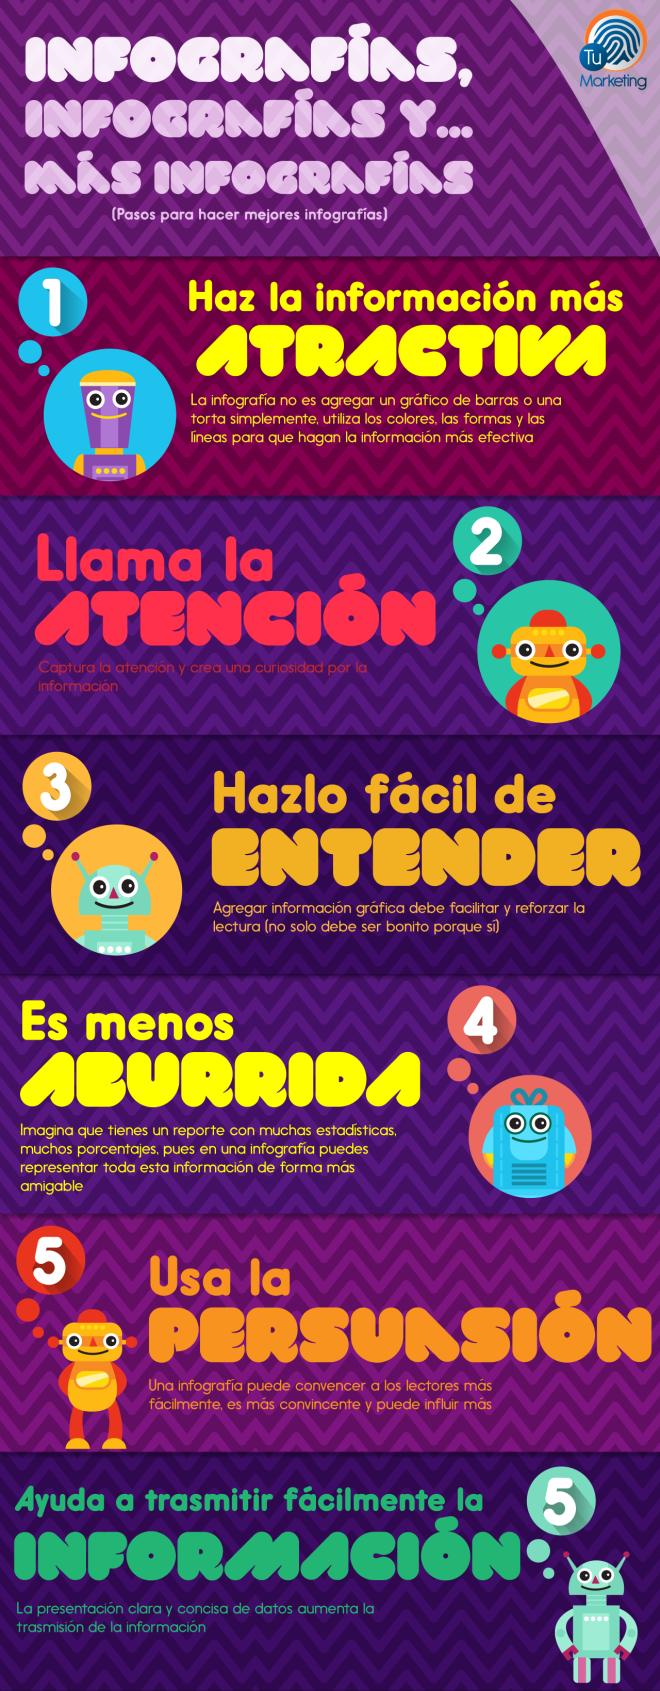 Consejos para hacer mejores infografías